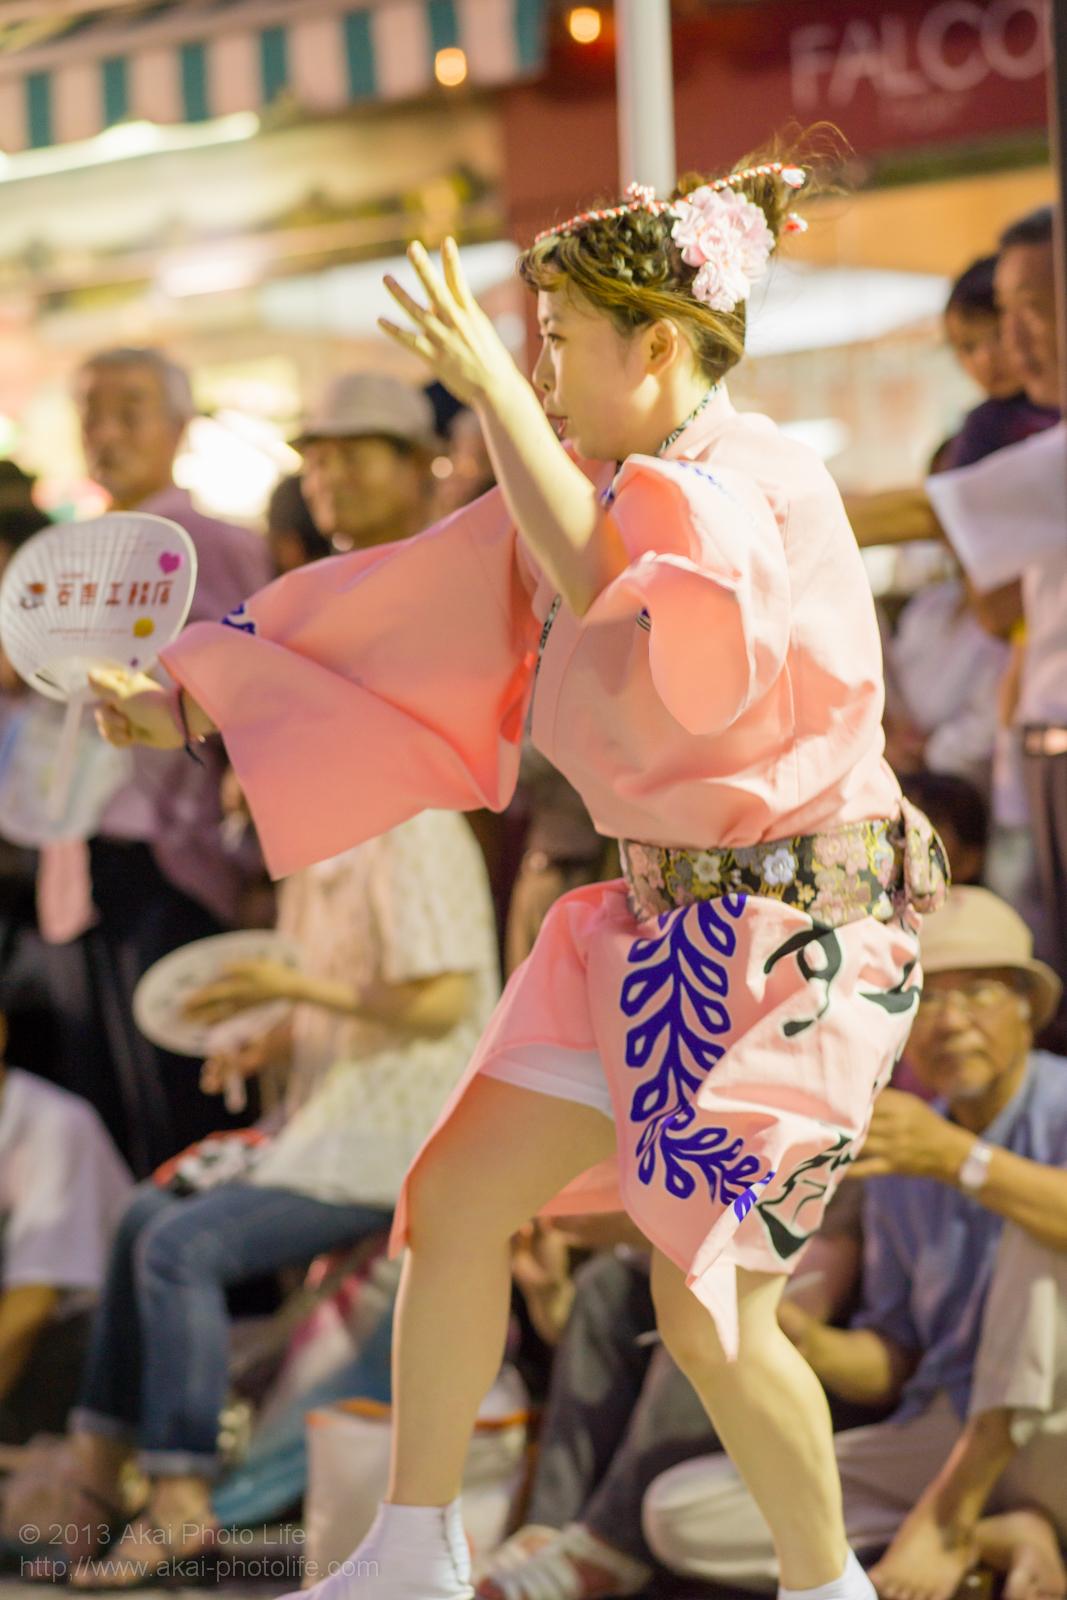 三鷹阿波踊り、りずむ連の女性の男踊り うちわ